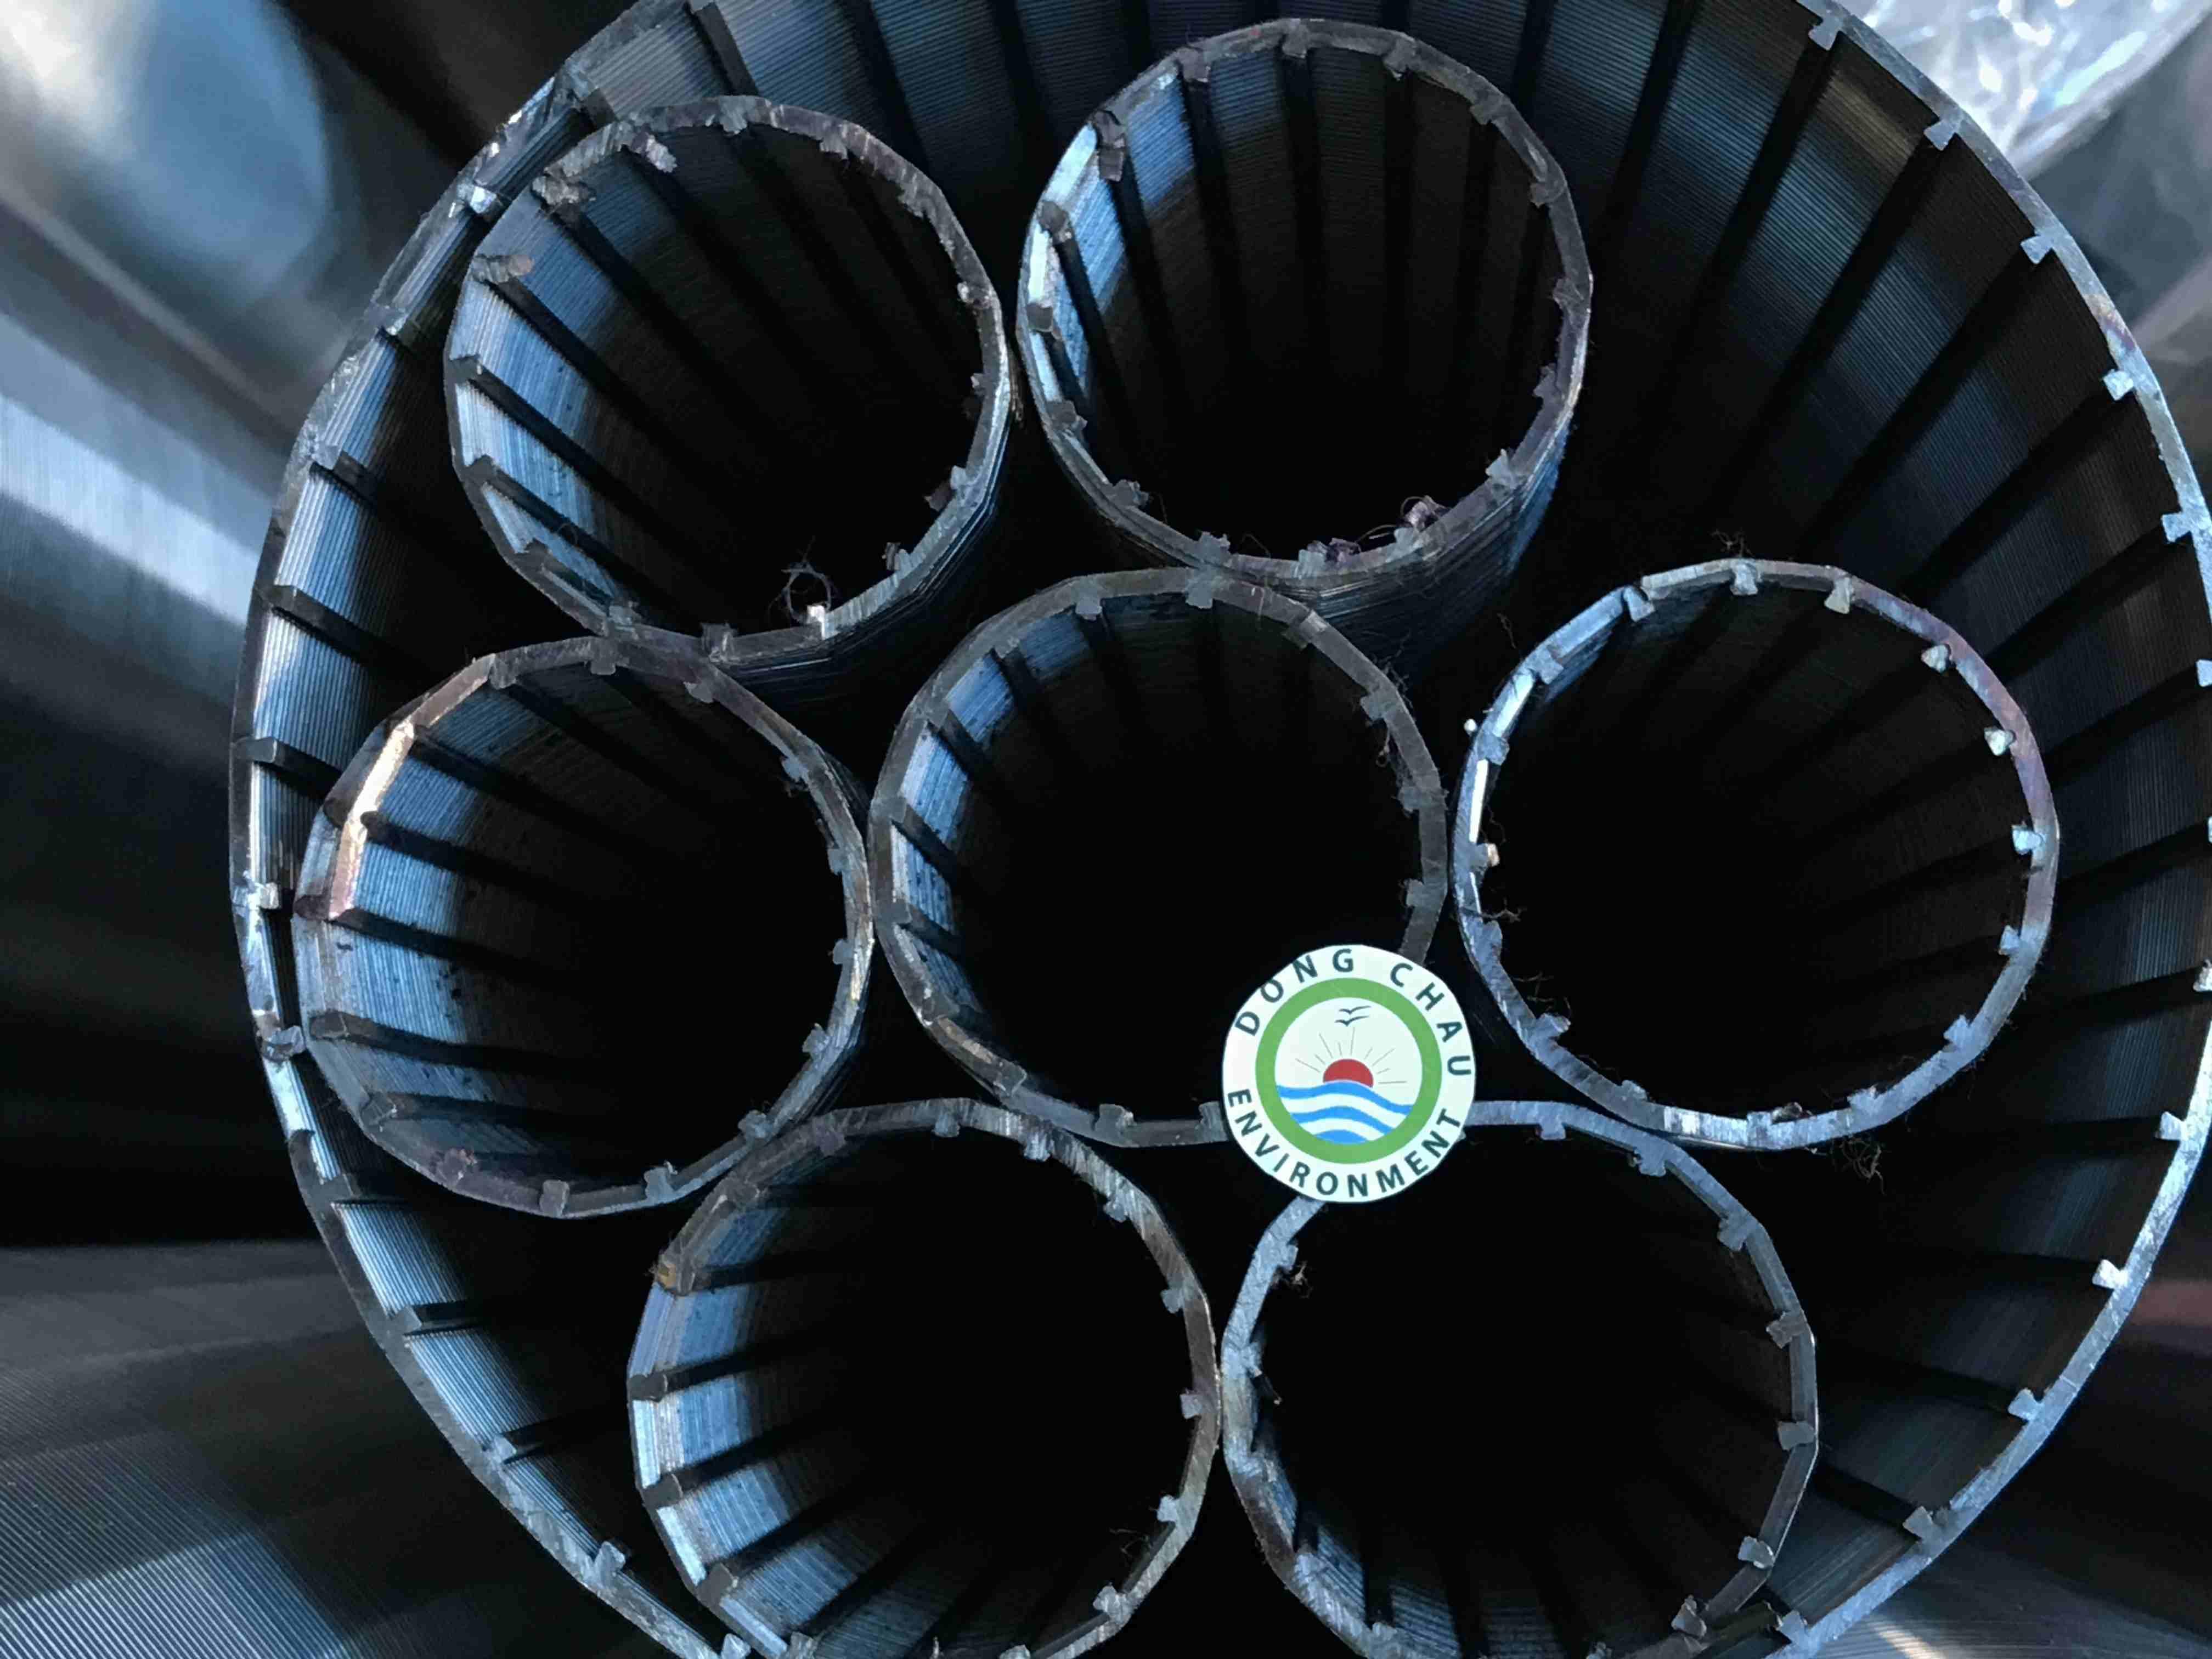 Ống lọc khe inox đường kính 49mm x khe 0.3mm x dài 1m, DOE